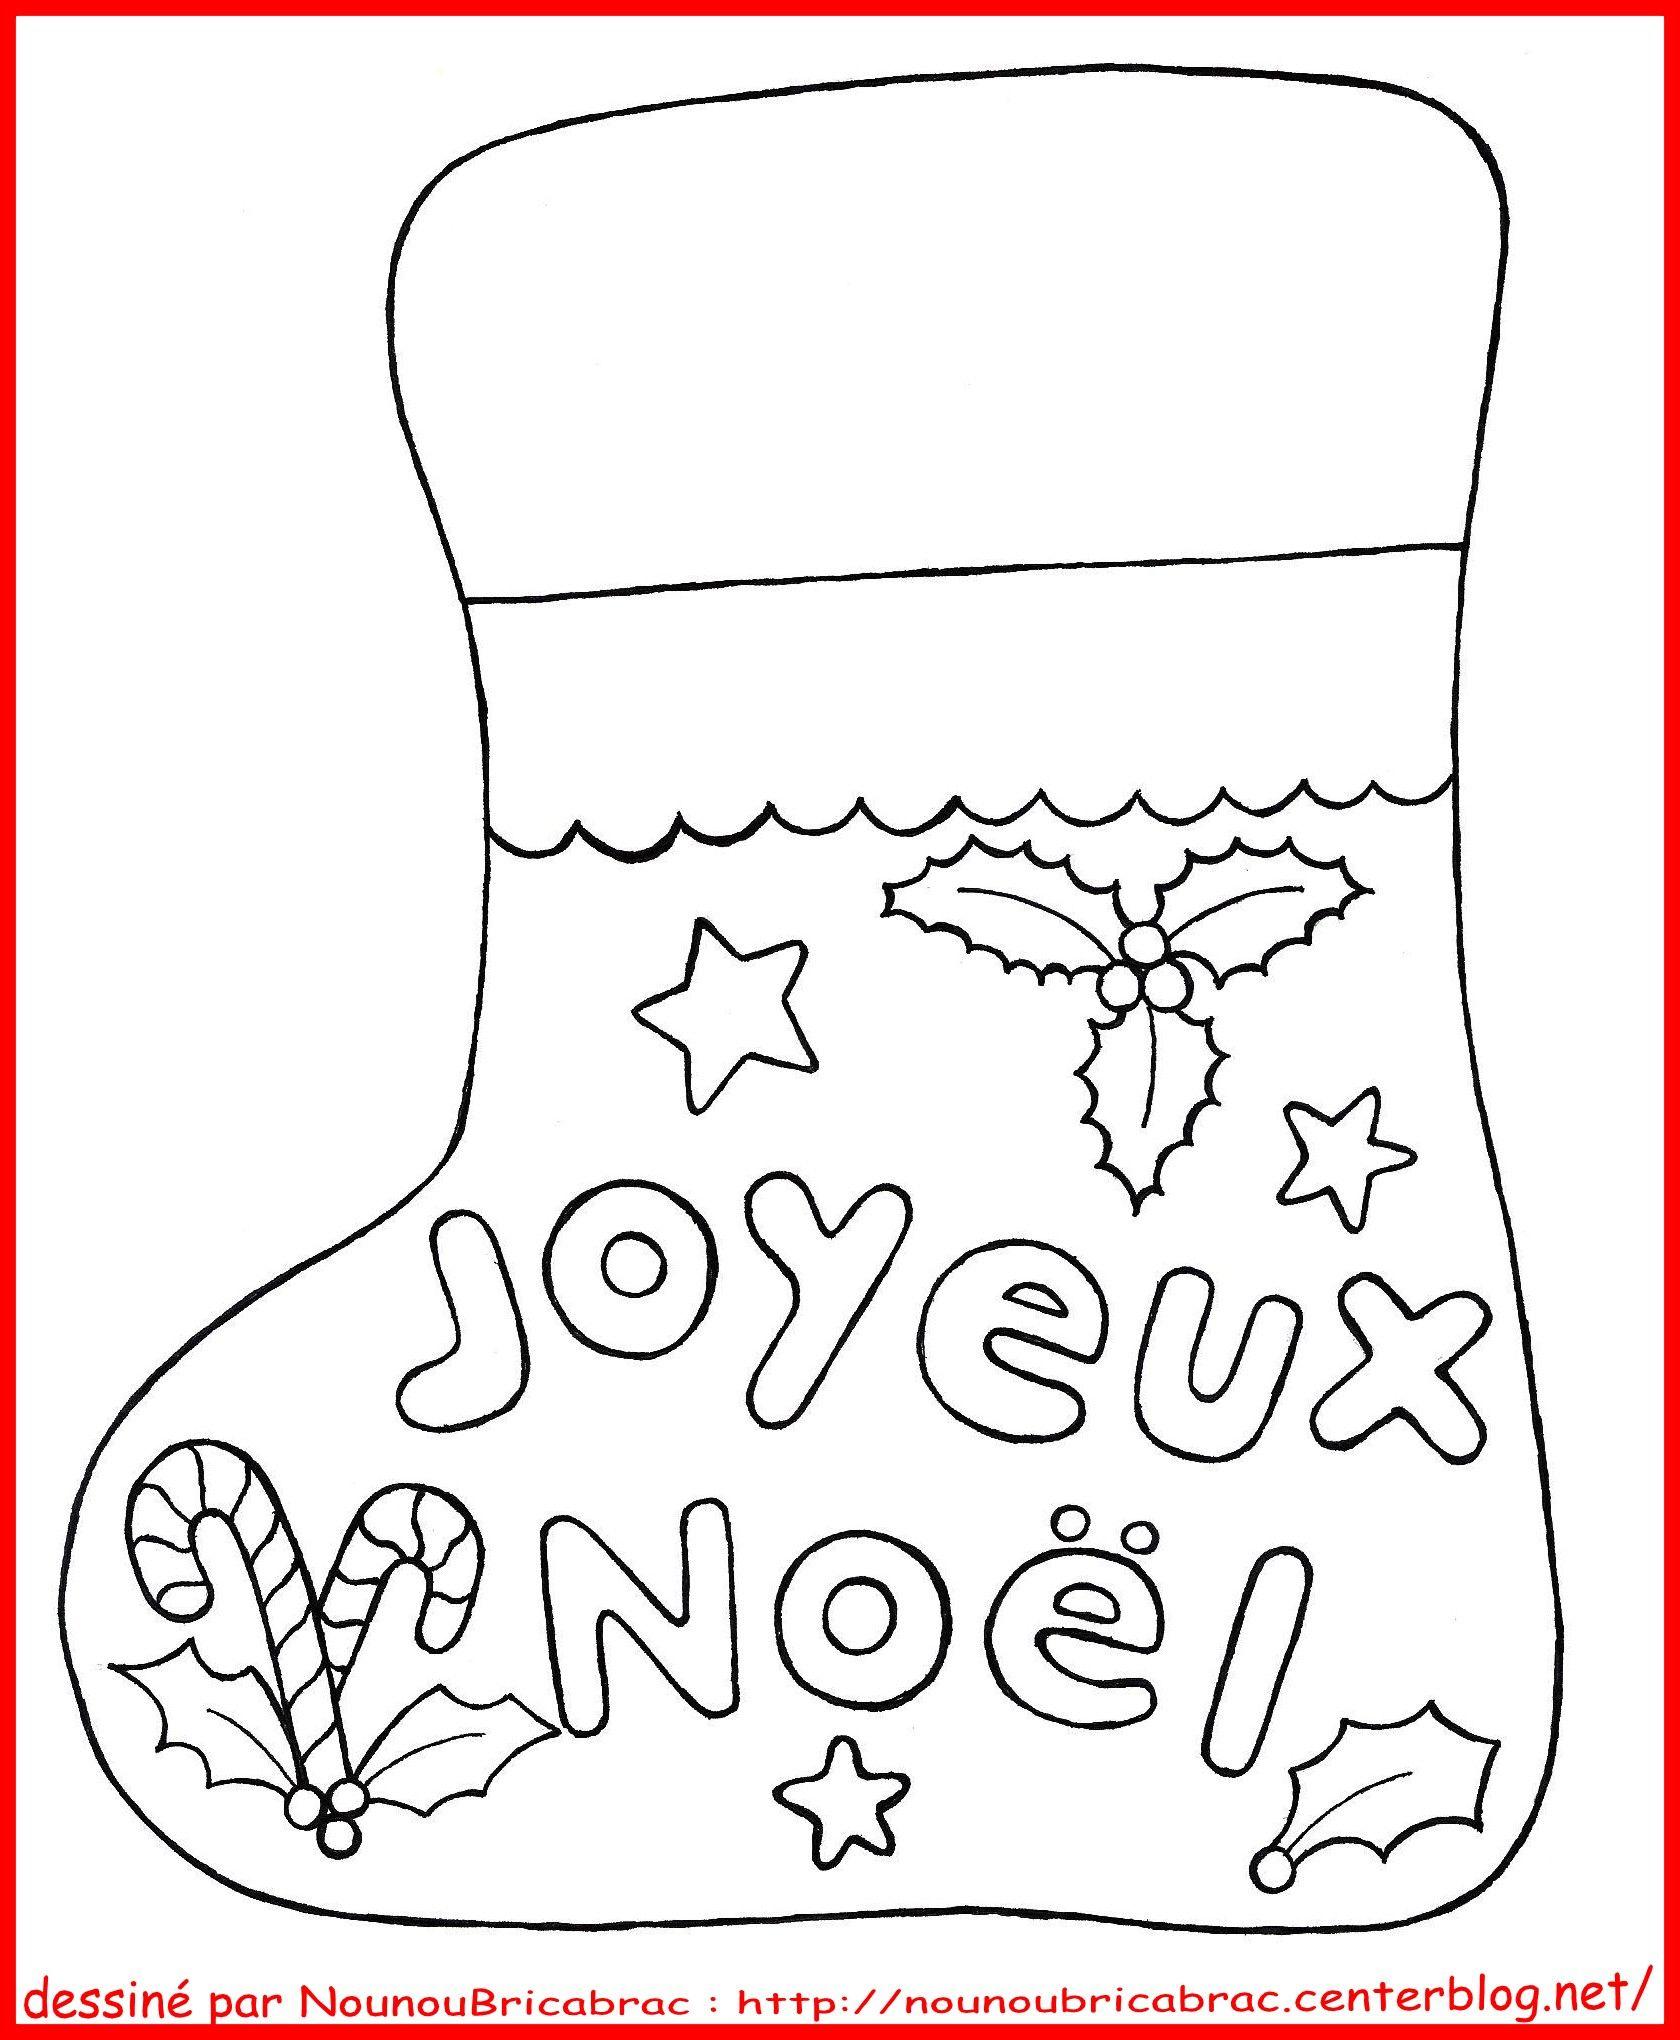 Carte de joyeux noel a colorier